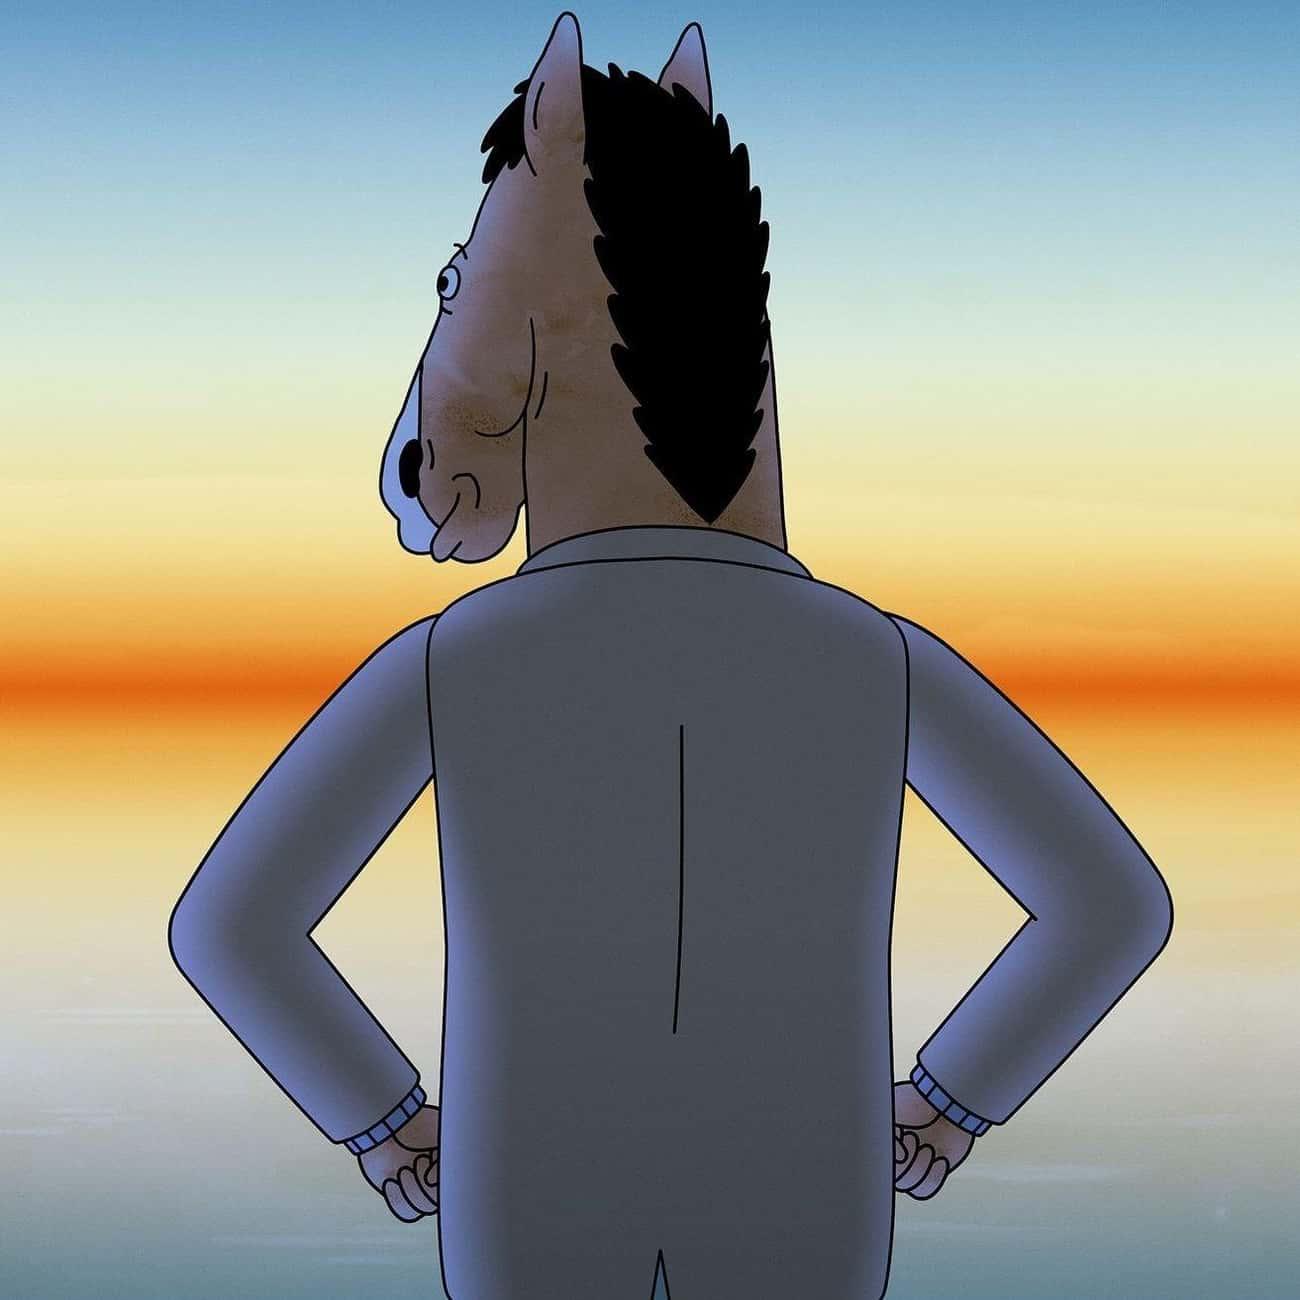 BoJack Horseman - Season 6 is listed (or ranked) 1 on the list Ranking the Best Seasons of 'BoJack Horseman'